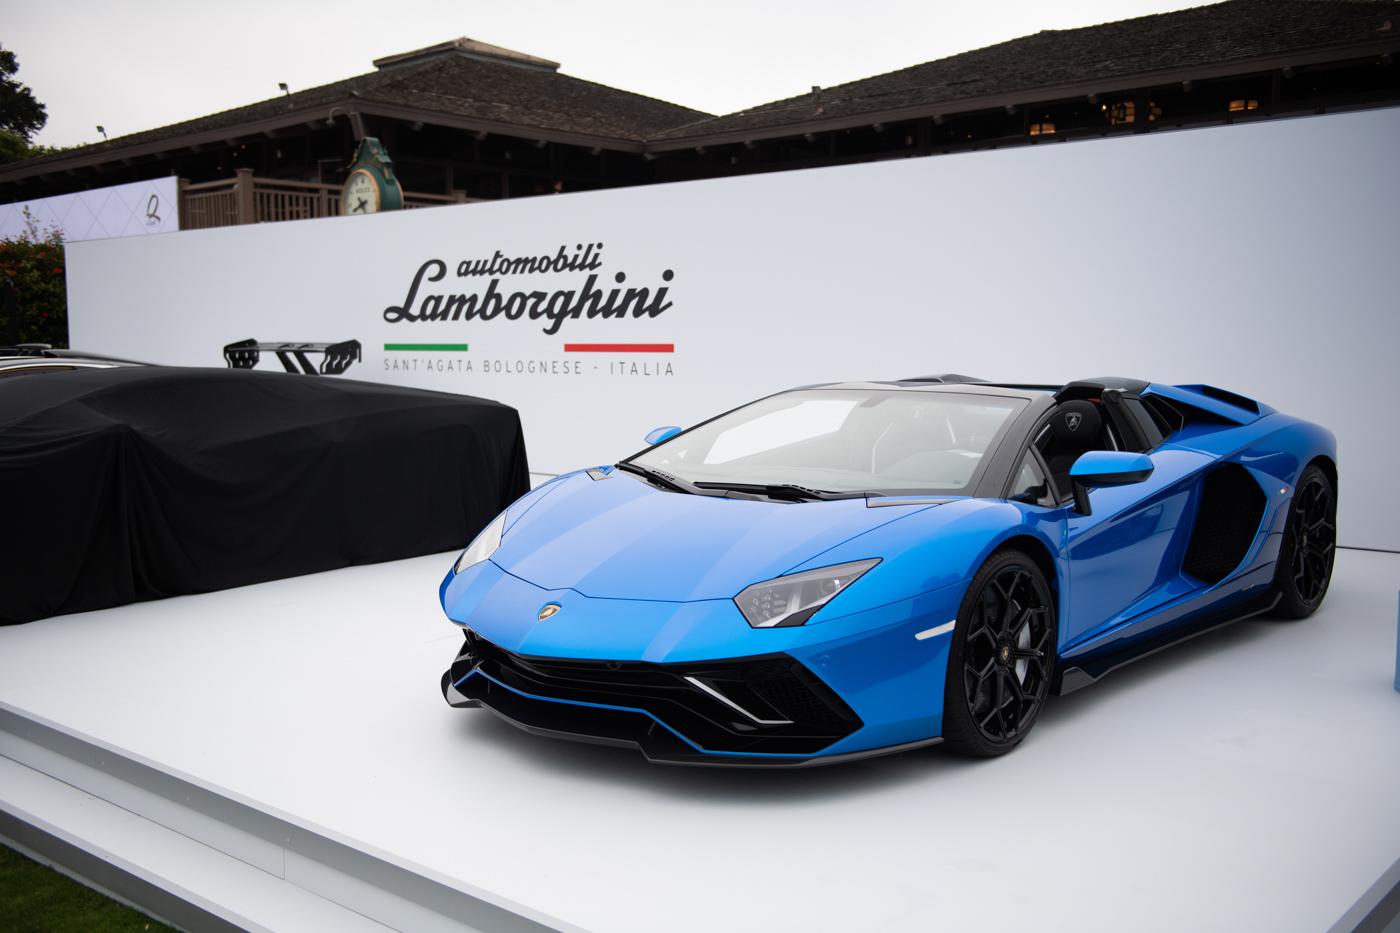 Lamborghini at The Quail (9).JPG